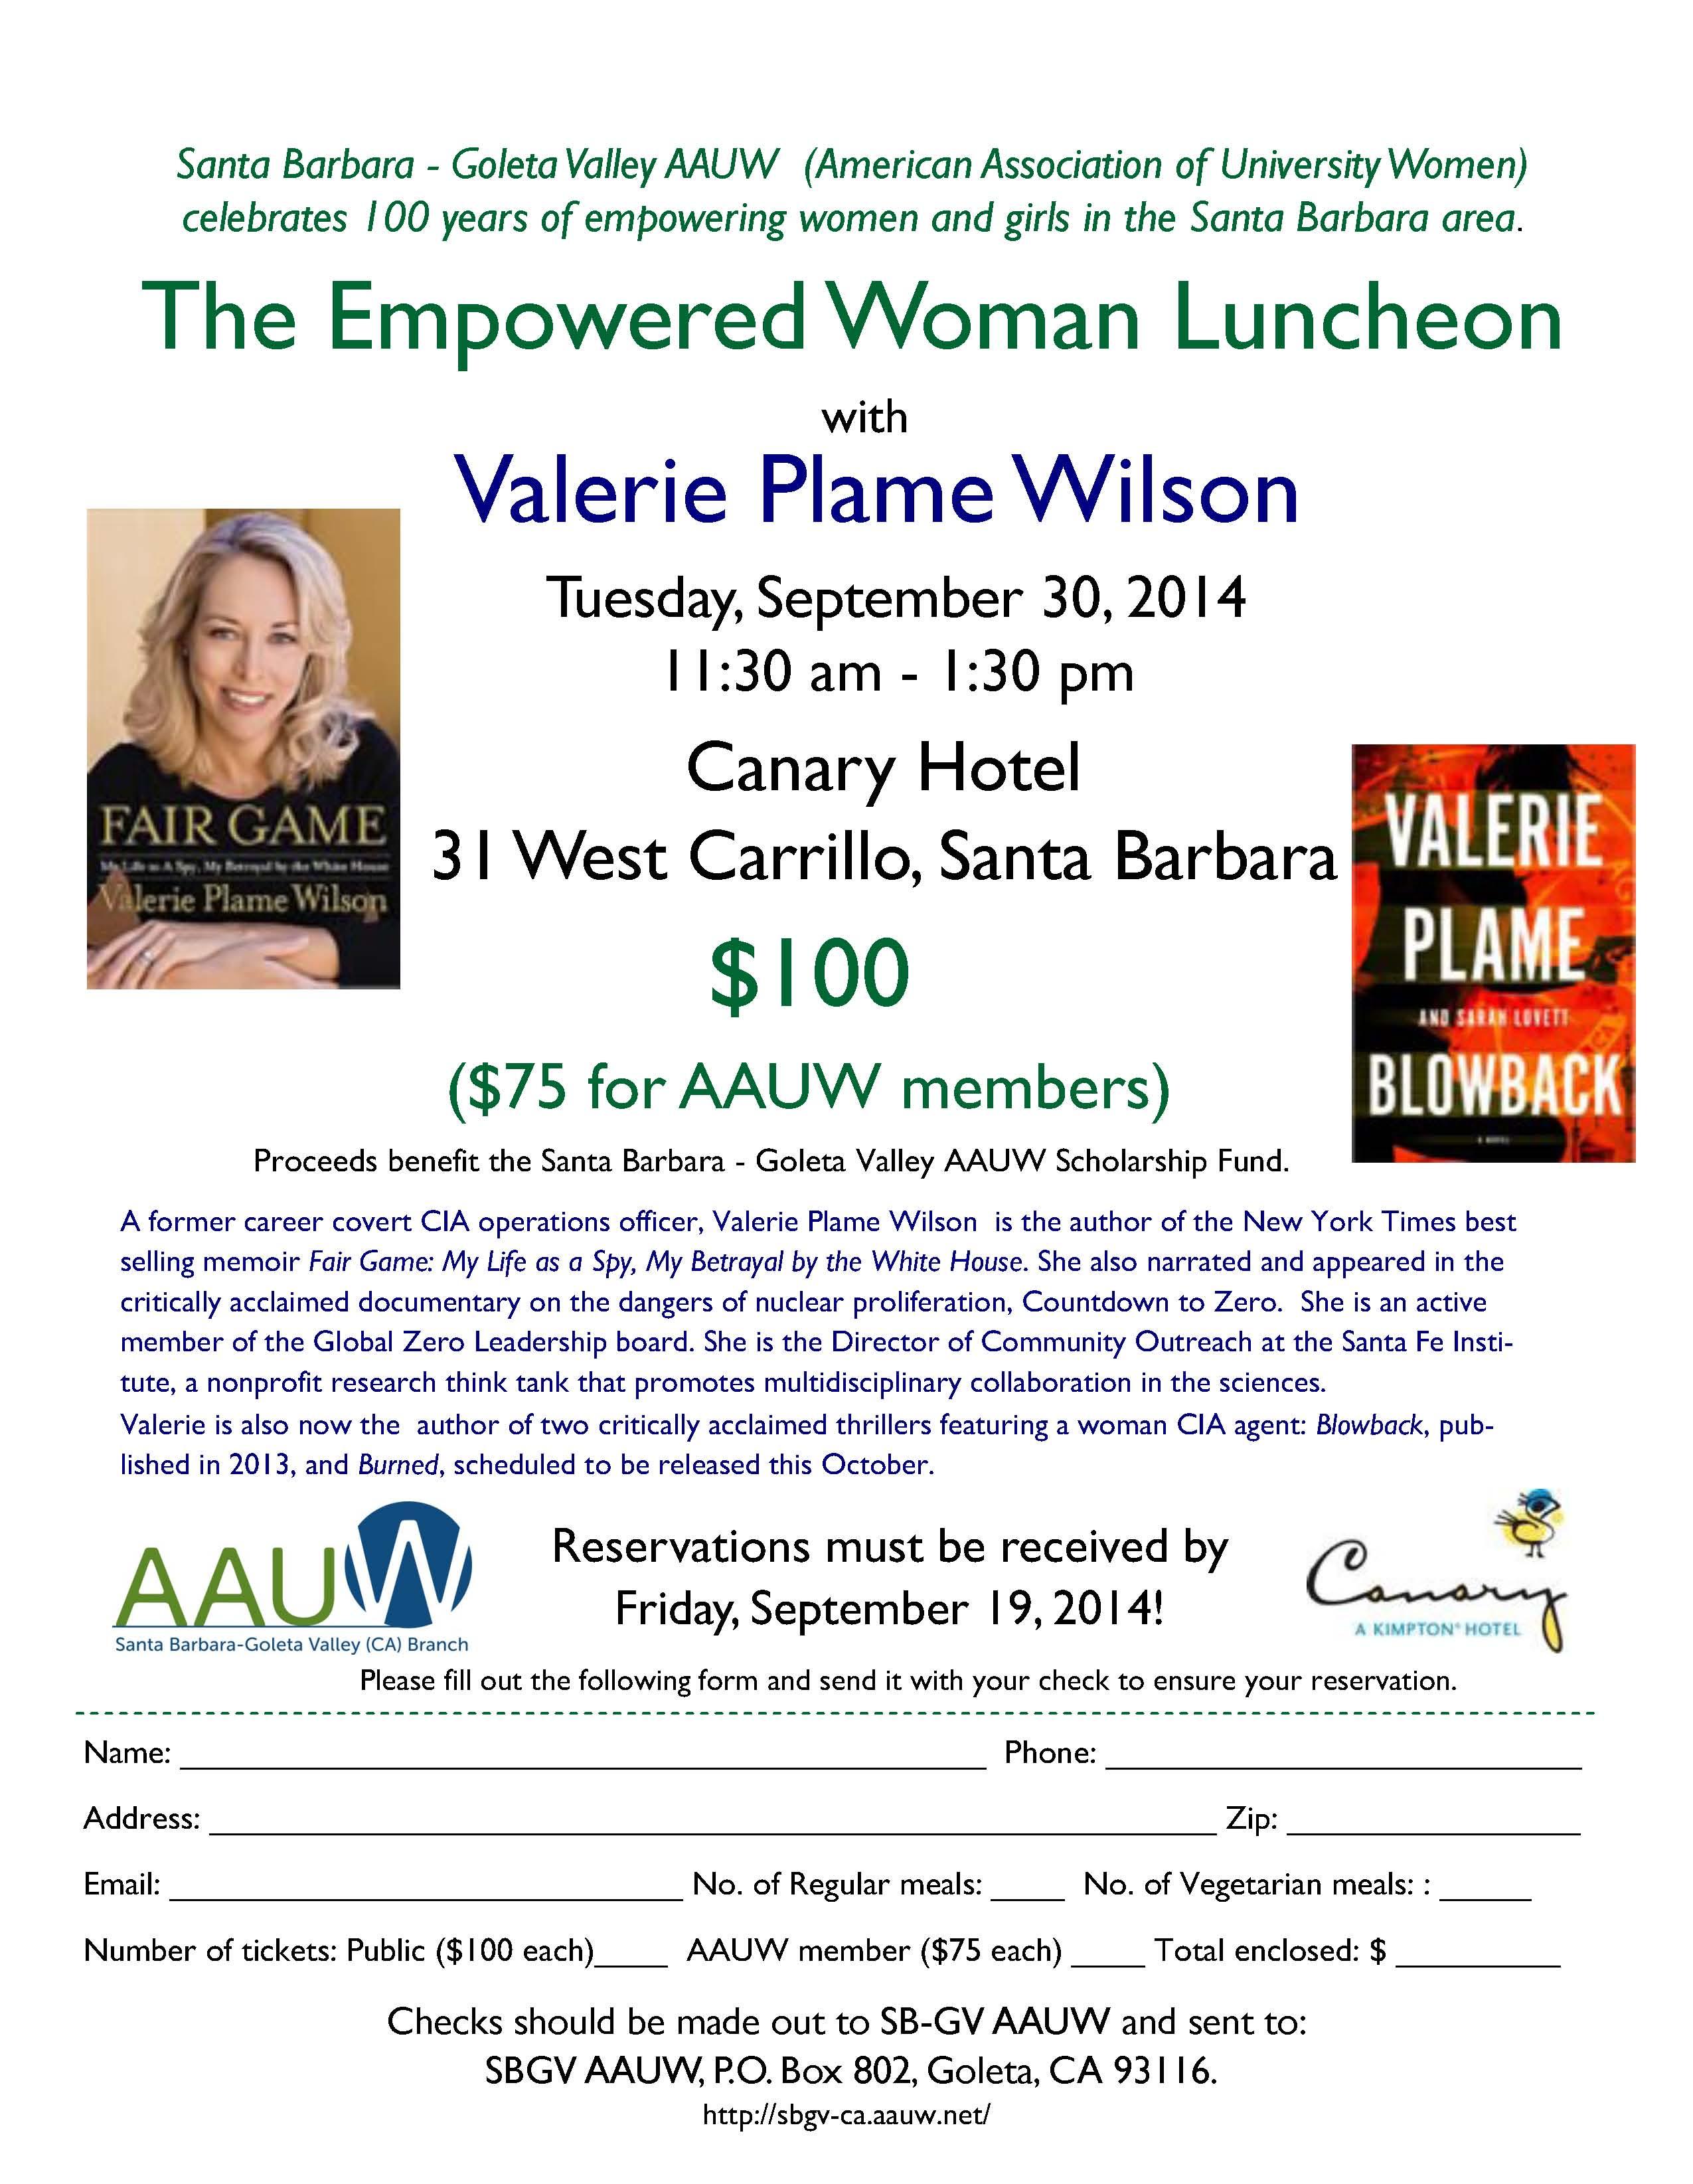 Valerie Plame lunch flyer